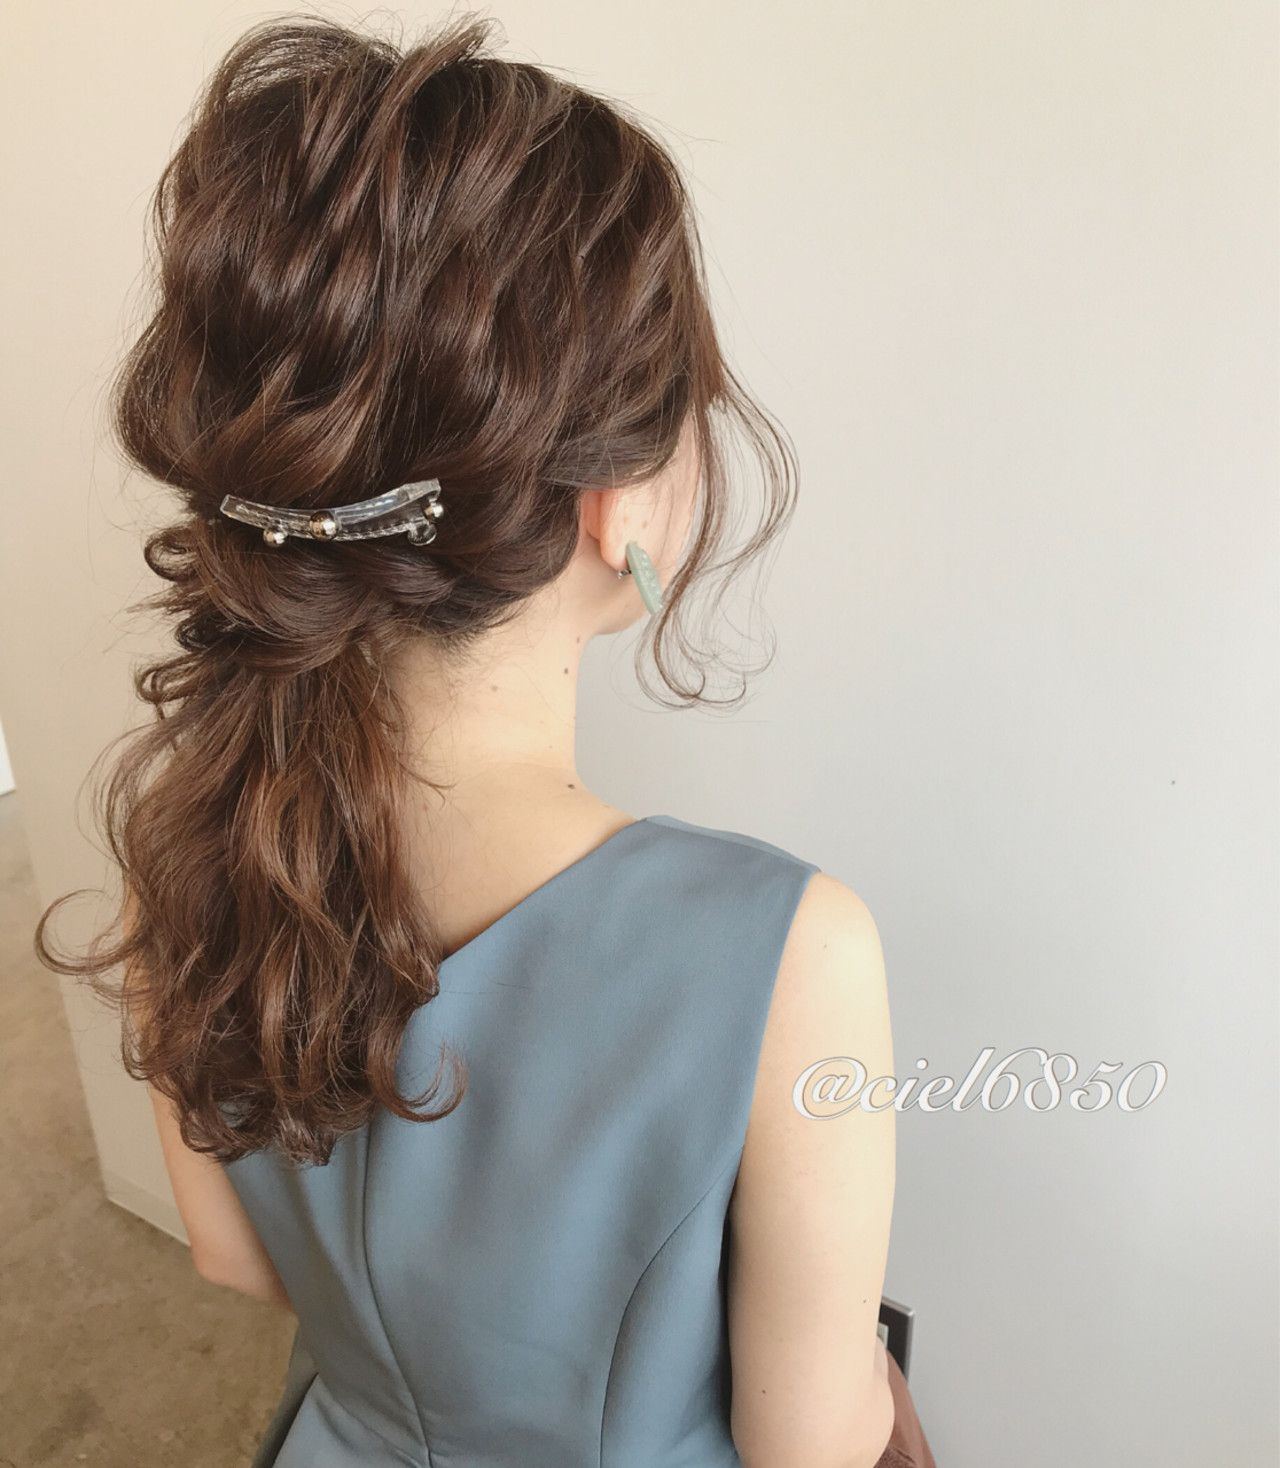 結婚式arrange ふわふわローポニー 結婚式 ヘアスタイル お呼ばれ ロング 結婚式 お呼ばれ 髪型 結婚式 髪型